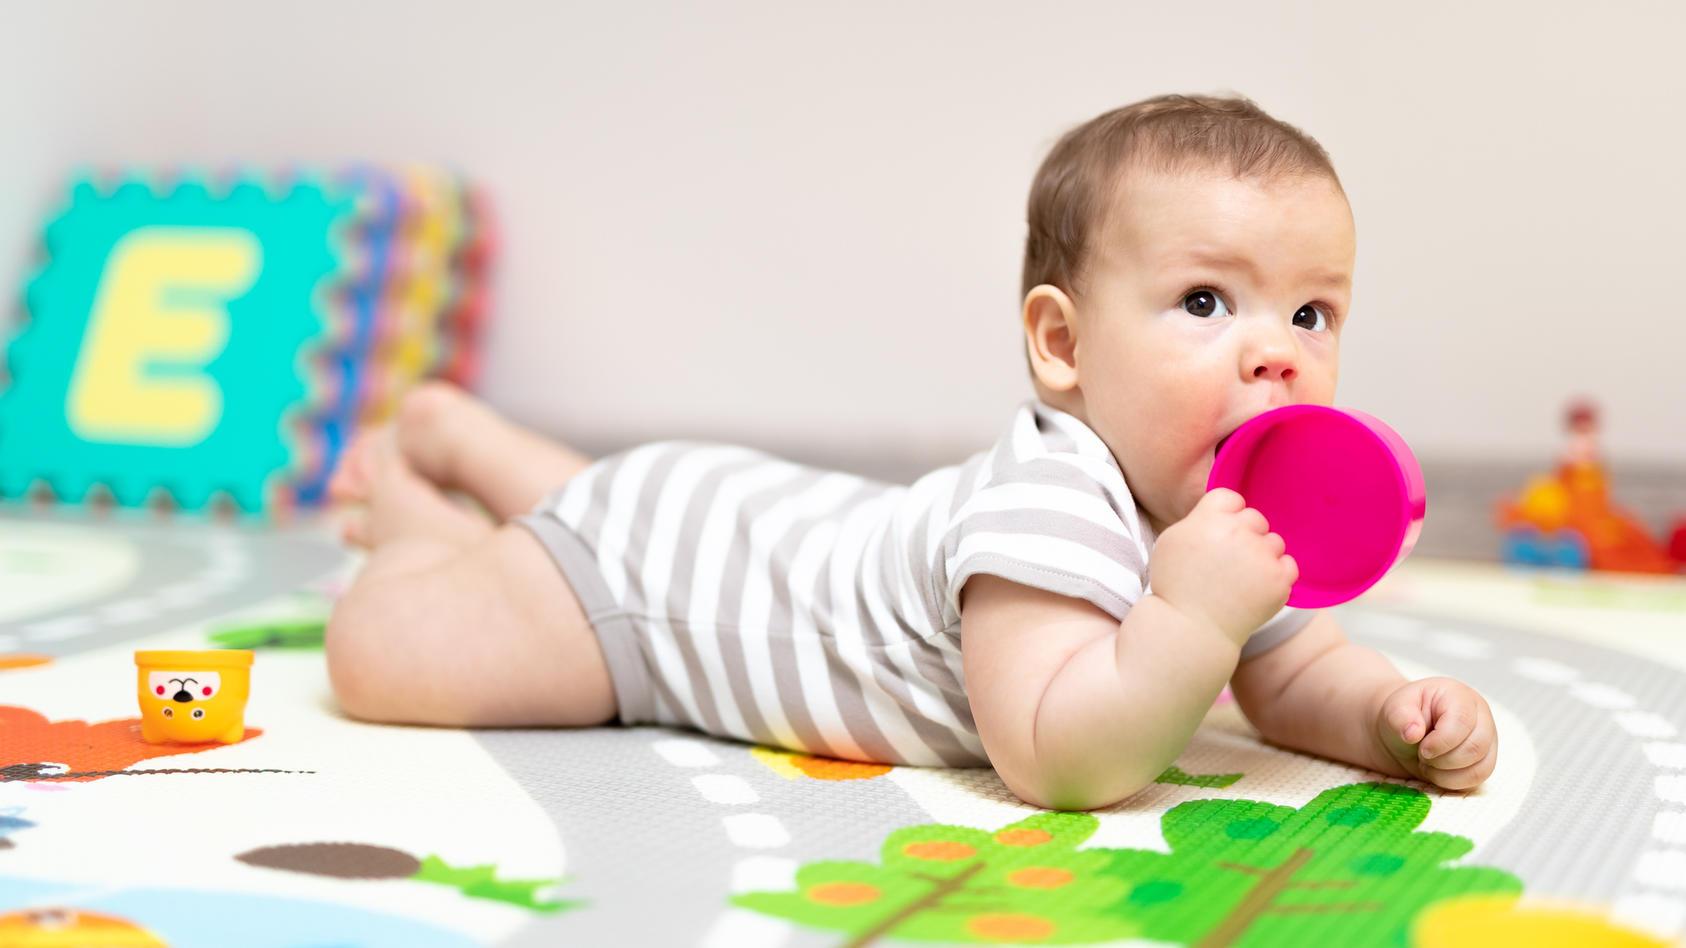 Viele Eltern haben schon einmal von der oralen Phase bei Kleinkindern gehört. Doch was steckt genau dahinter, wenn das Baby plötzlich alles in den Mund nimmt?